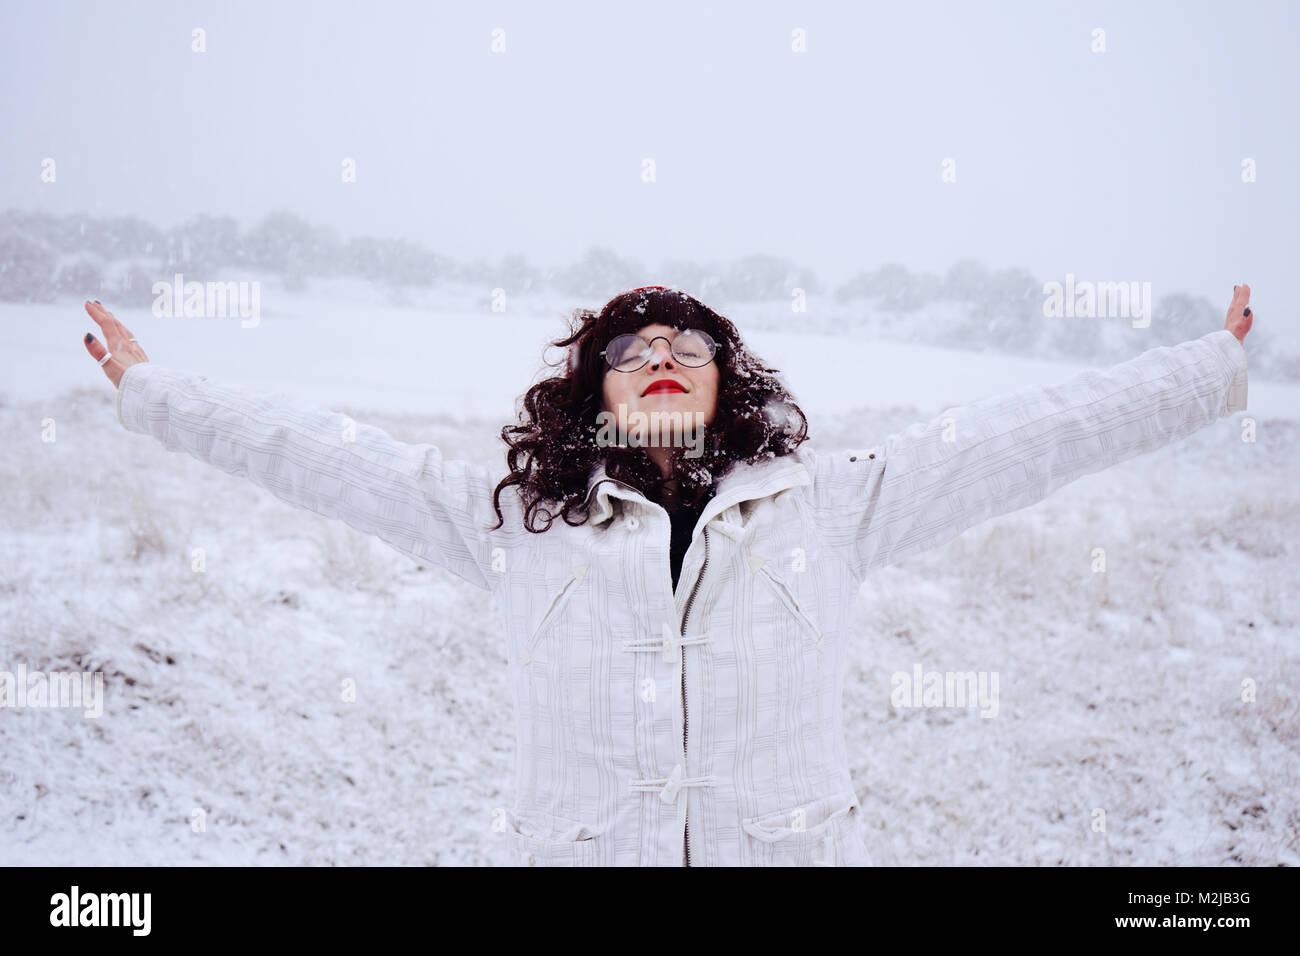 Lindo joven mujer disfrutando de un día de nieve Imagen De Stock